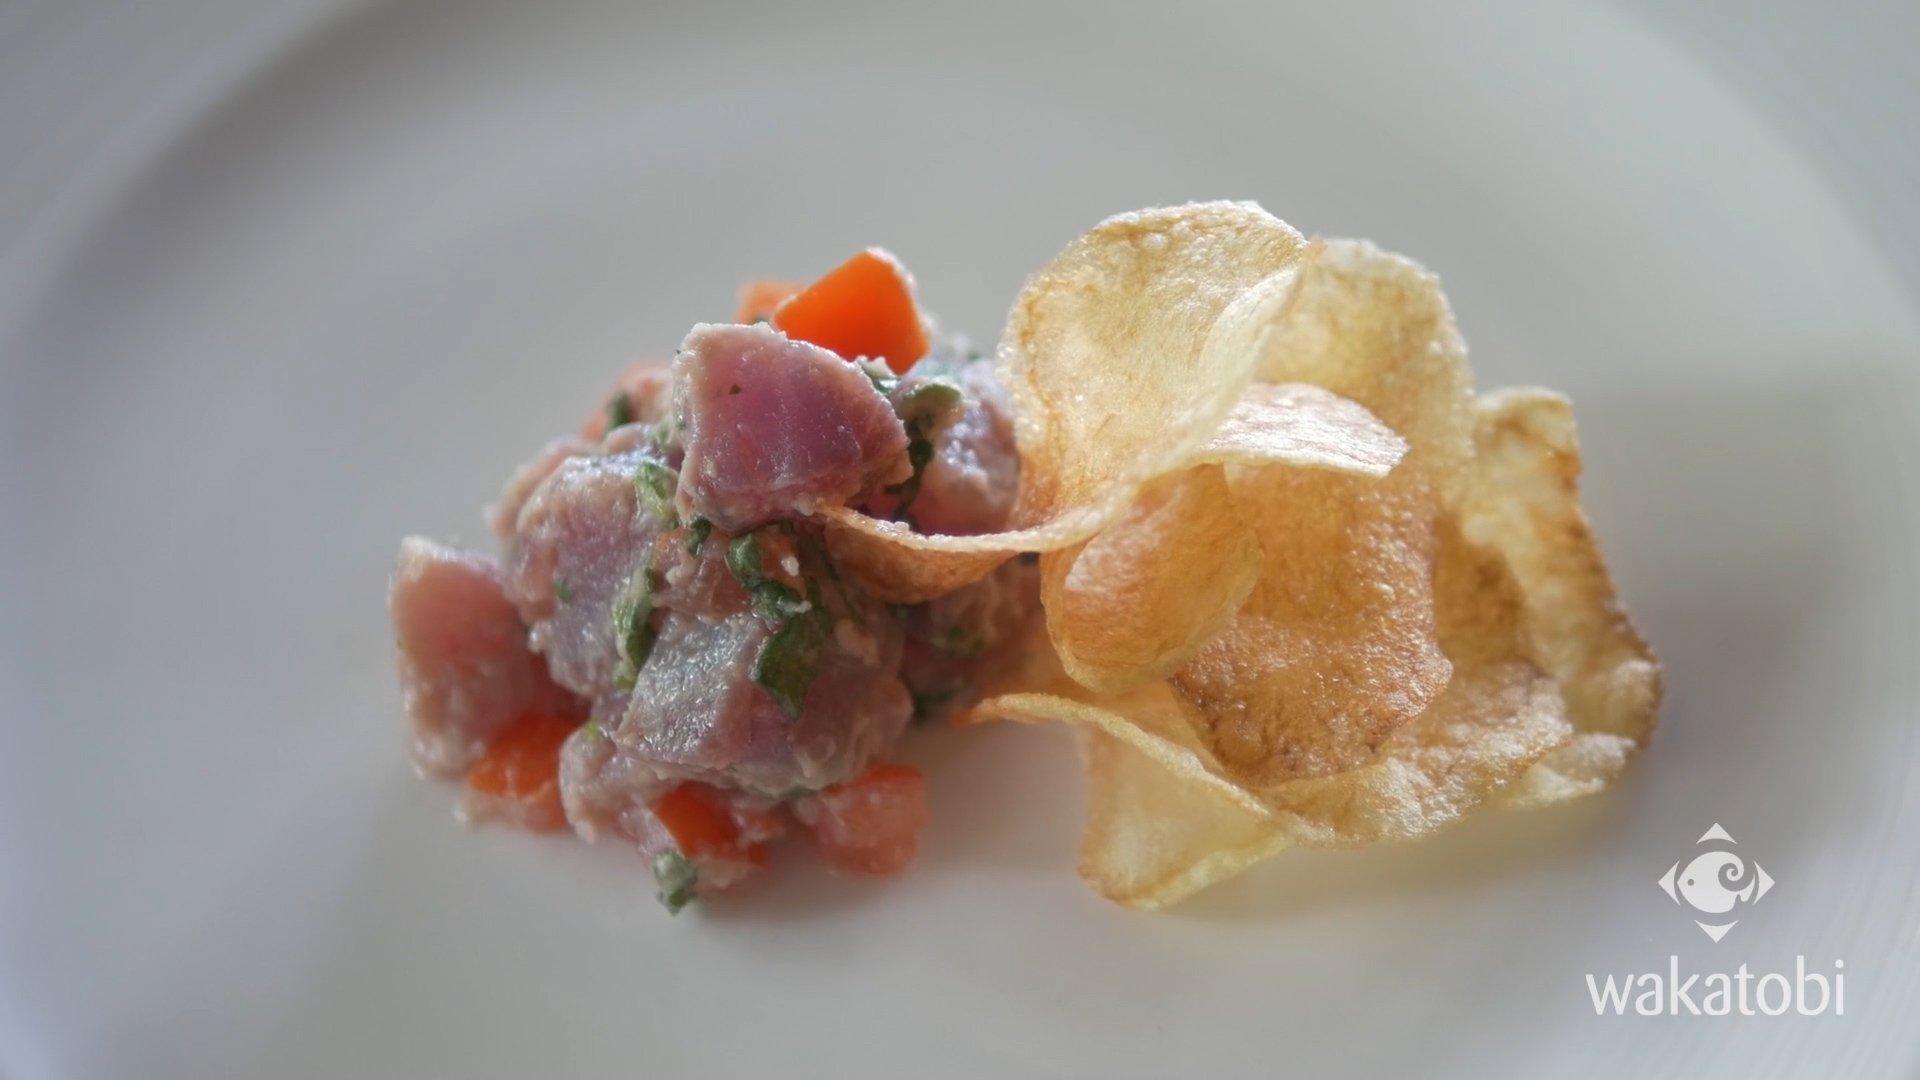 gourmet food at wakatobi